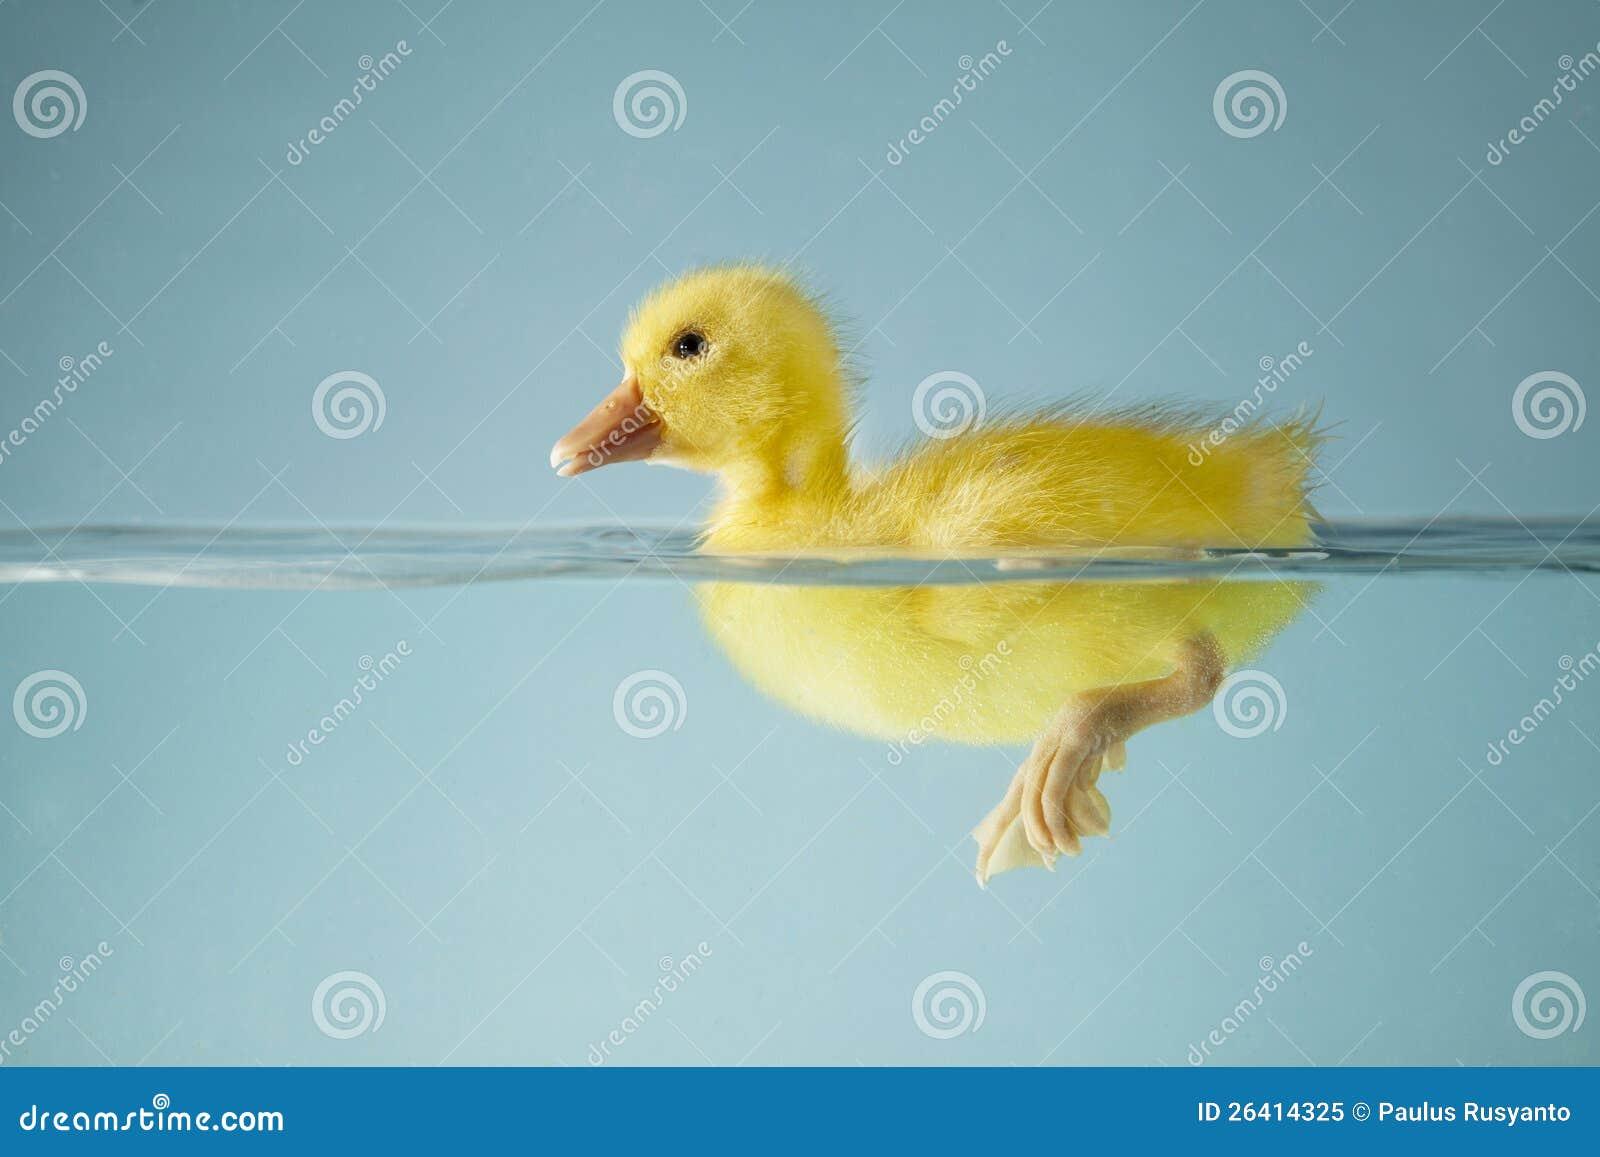 Kleine Ente, die auf Wasser schwimmt